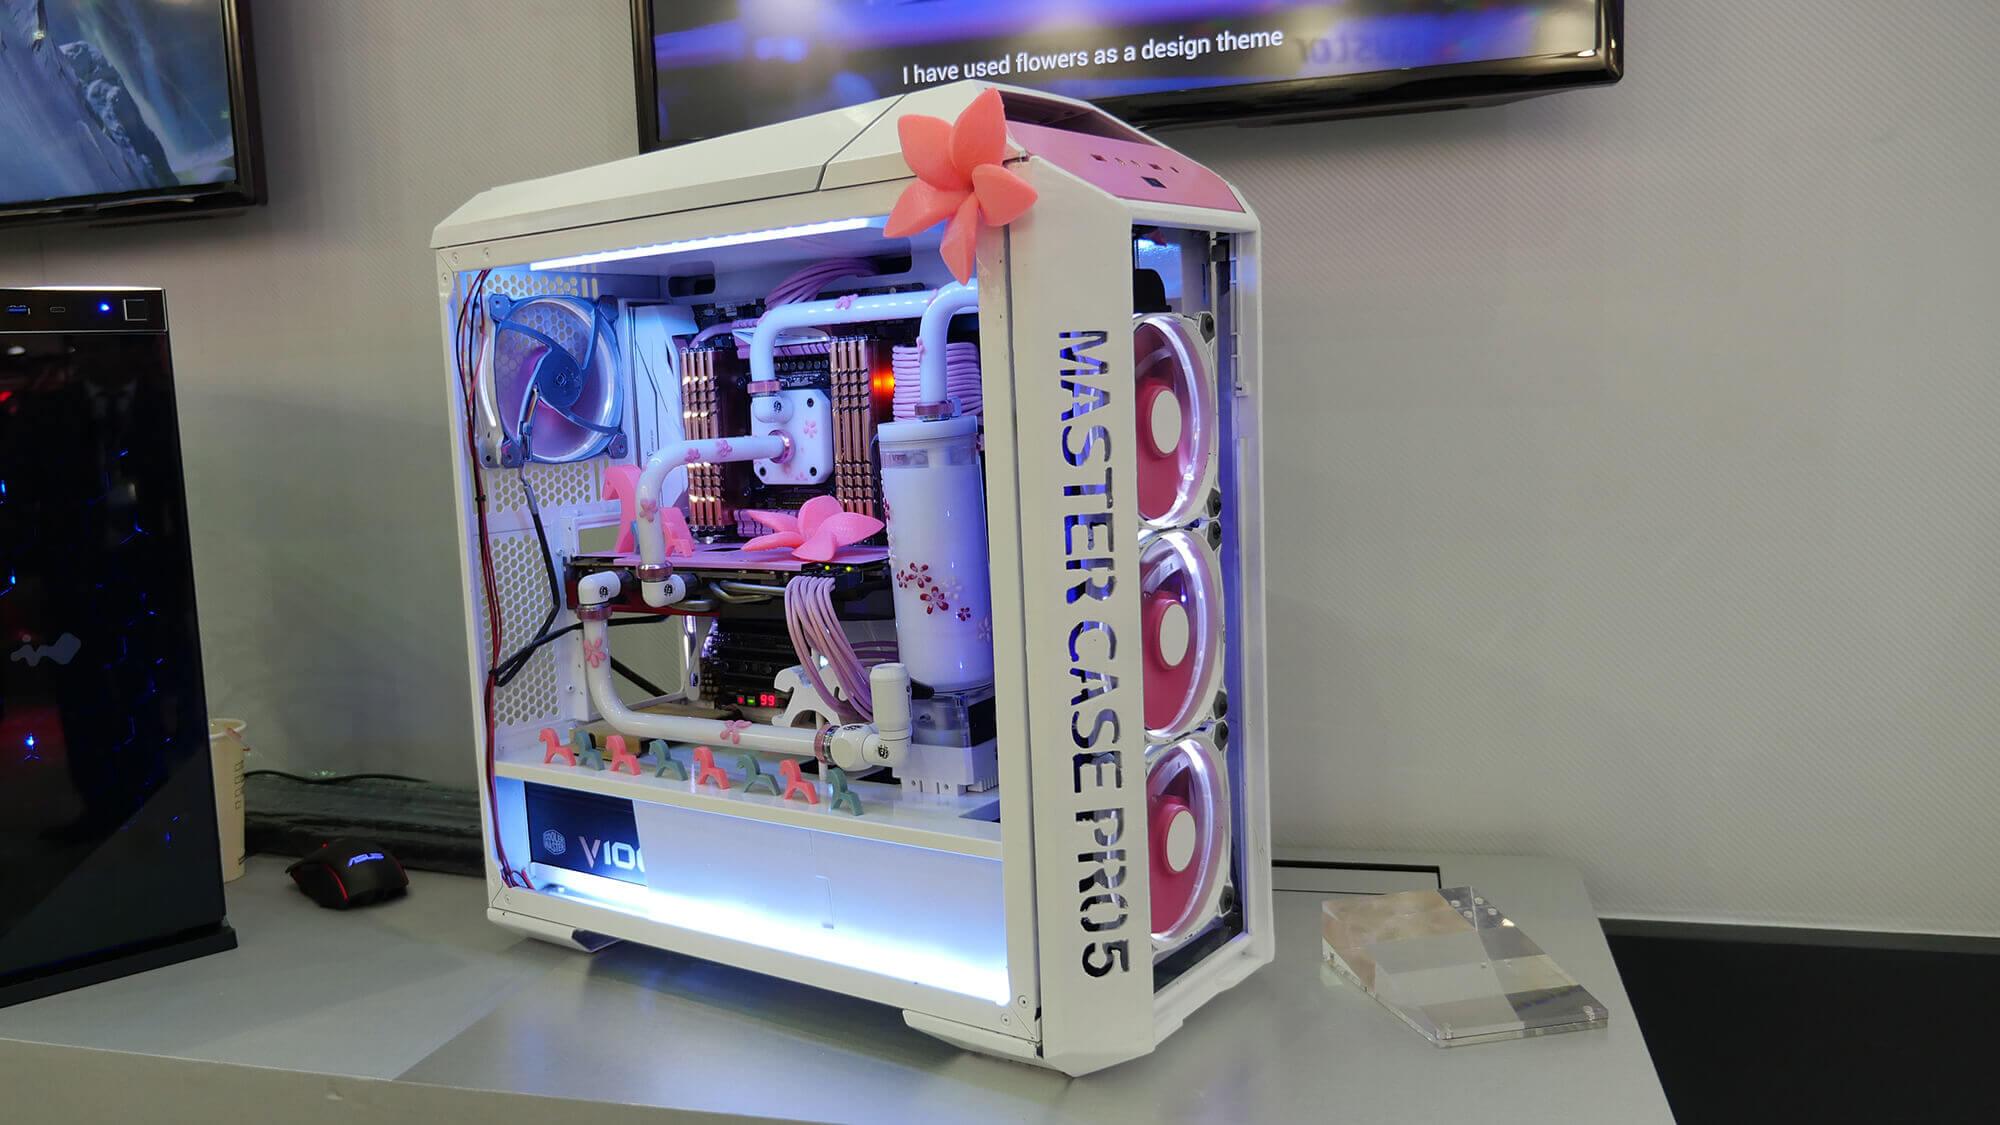 Frauen-Computer: Asus präsentiert ein Gehäuse aud dem 3D-Drucker für die weiblichen Kunden (Bild © rog.asus.com).